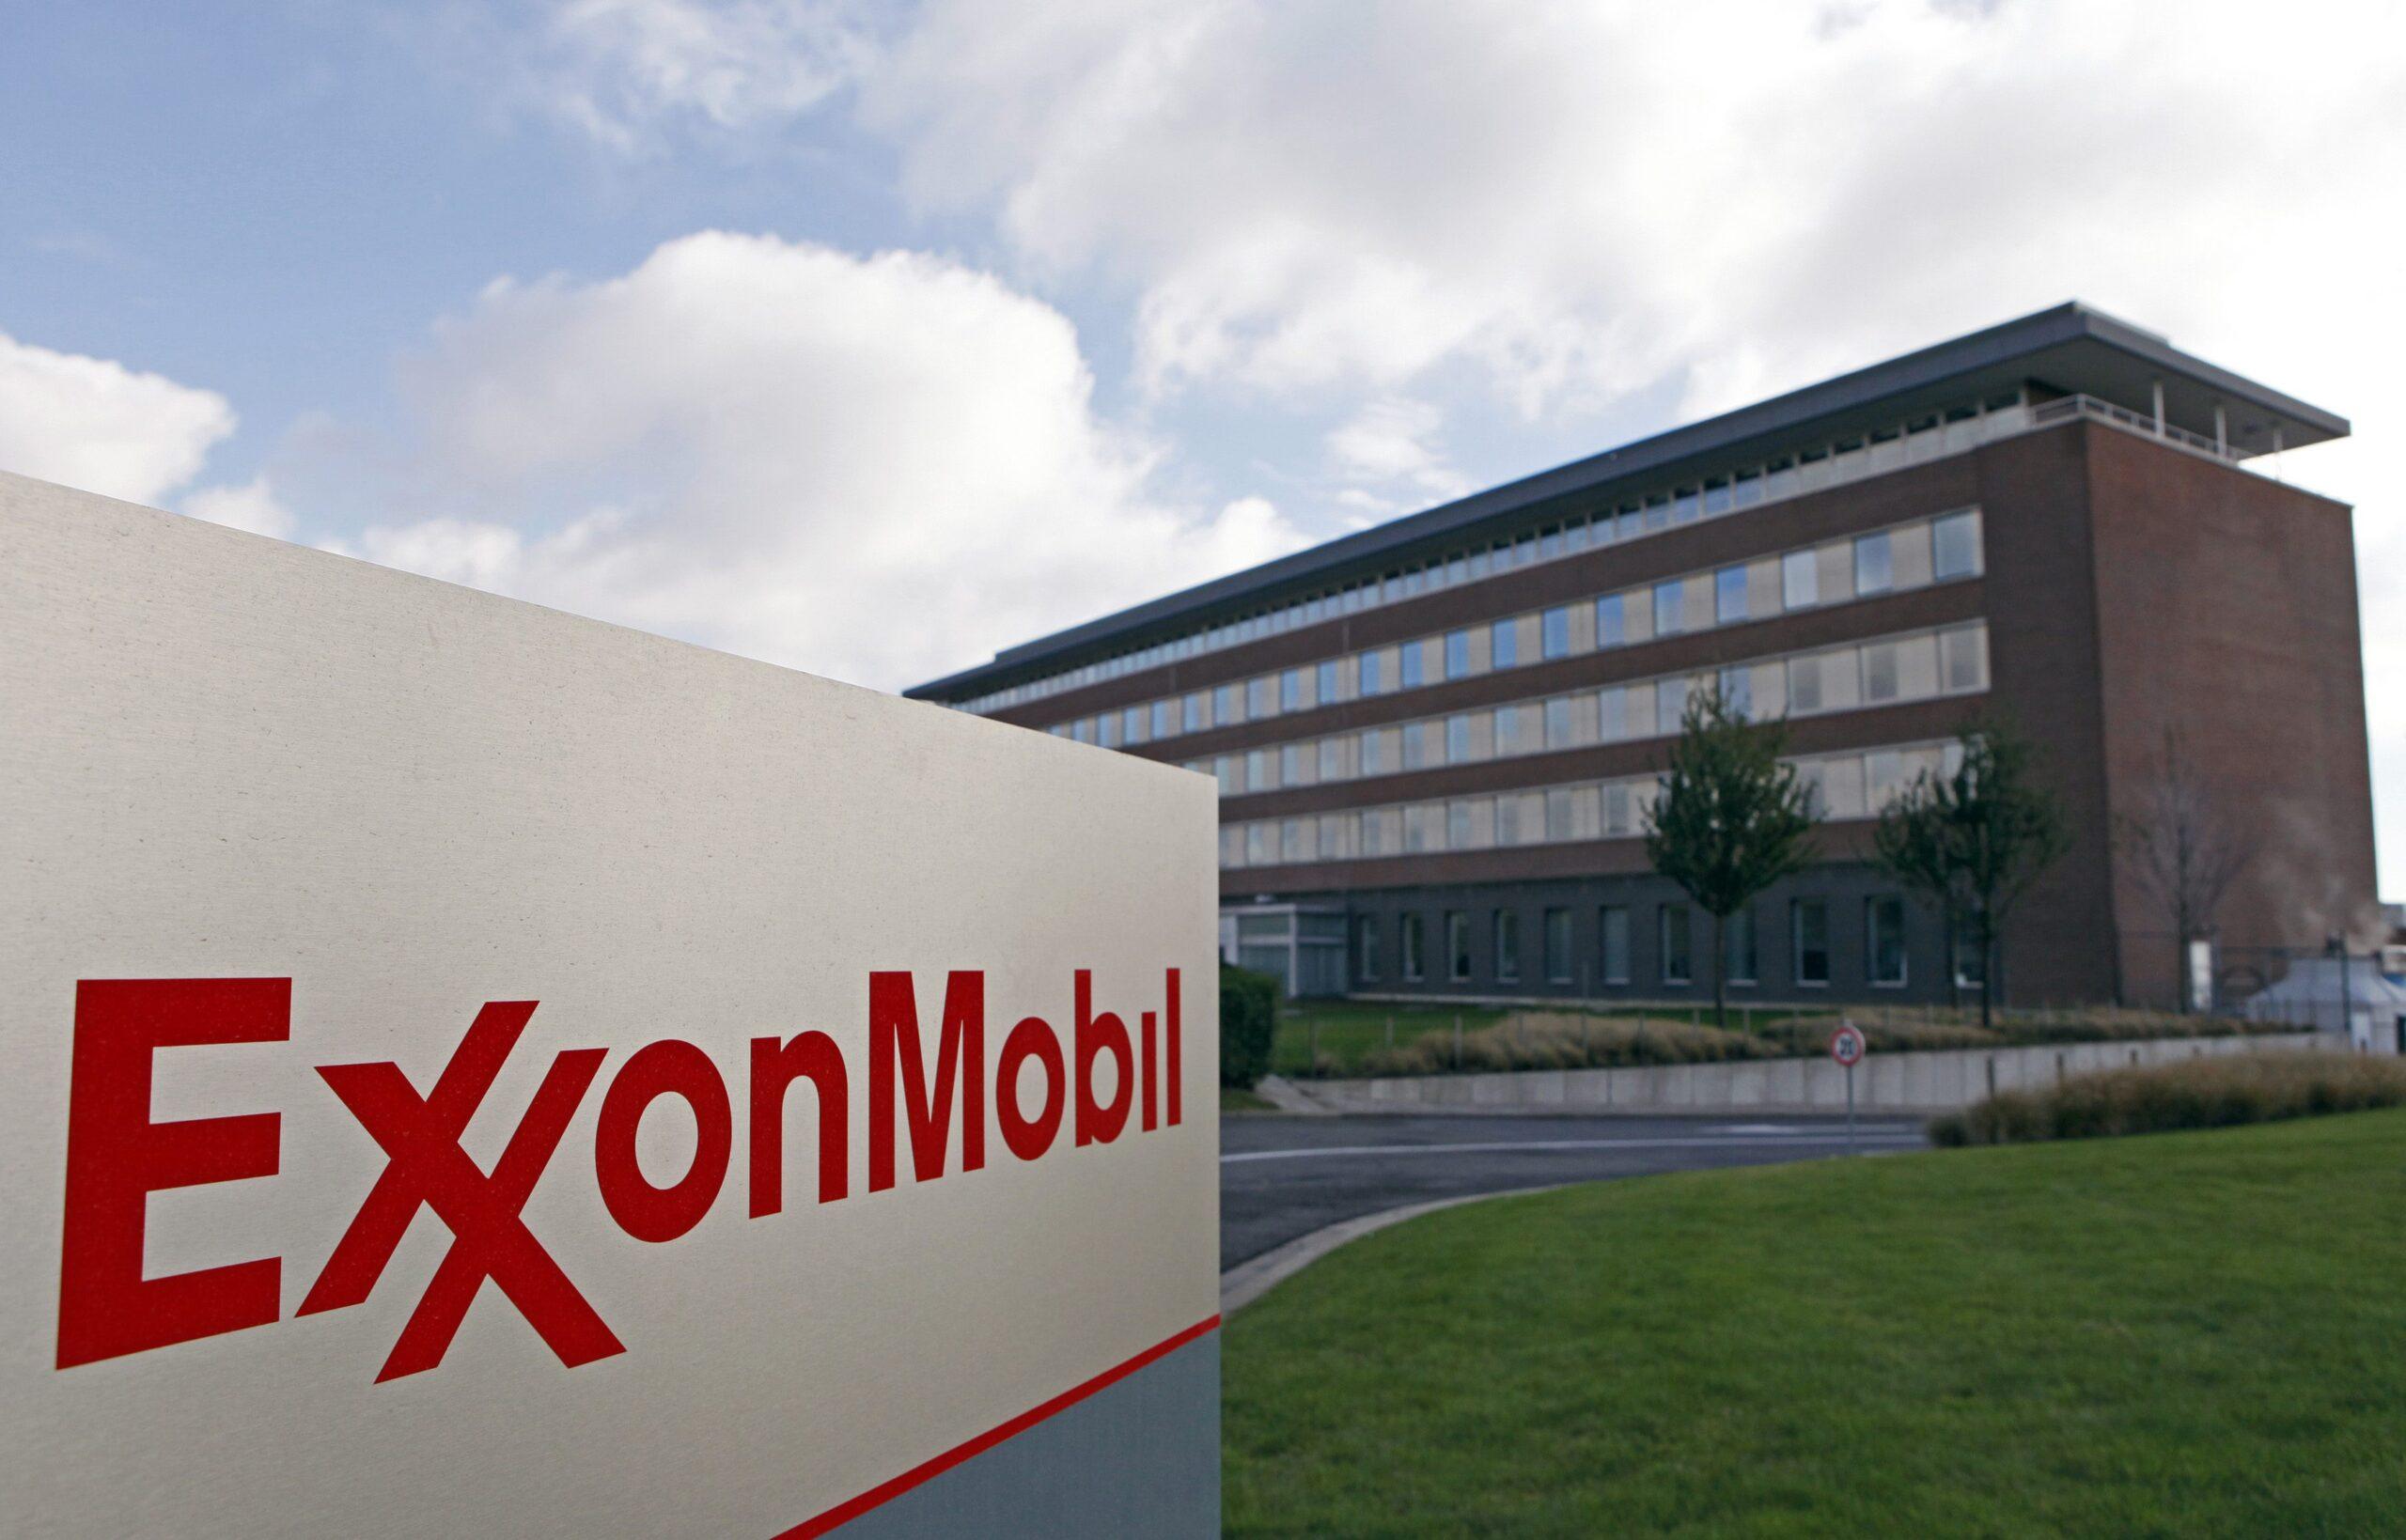 Exxon Mobil To Cut 14,000 Jobs As Pandemic Hit Oil Demand